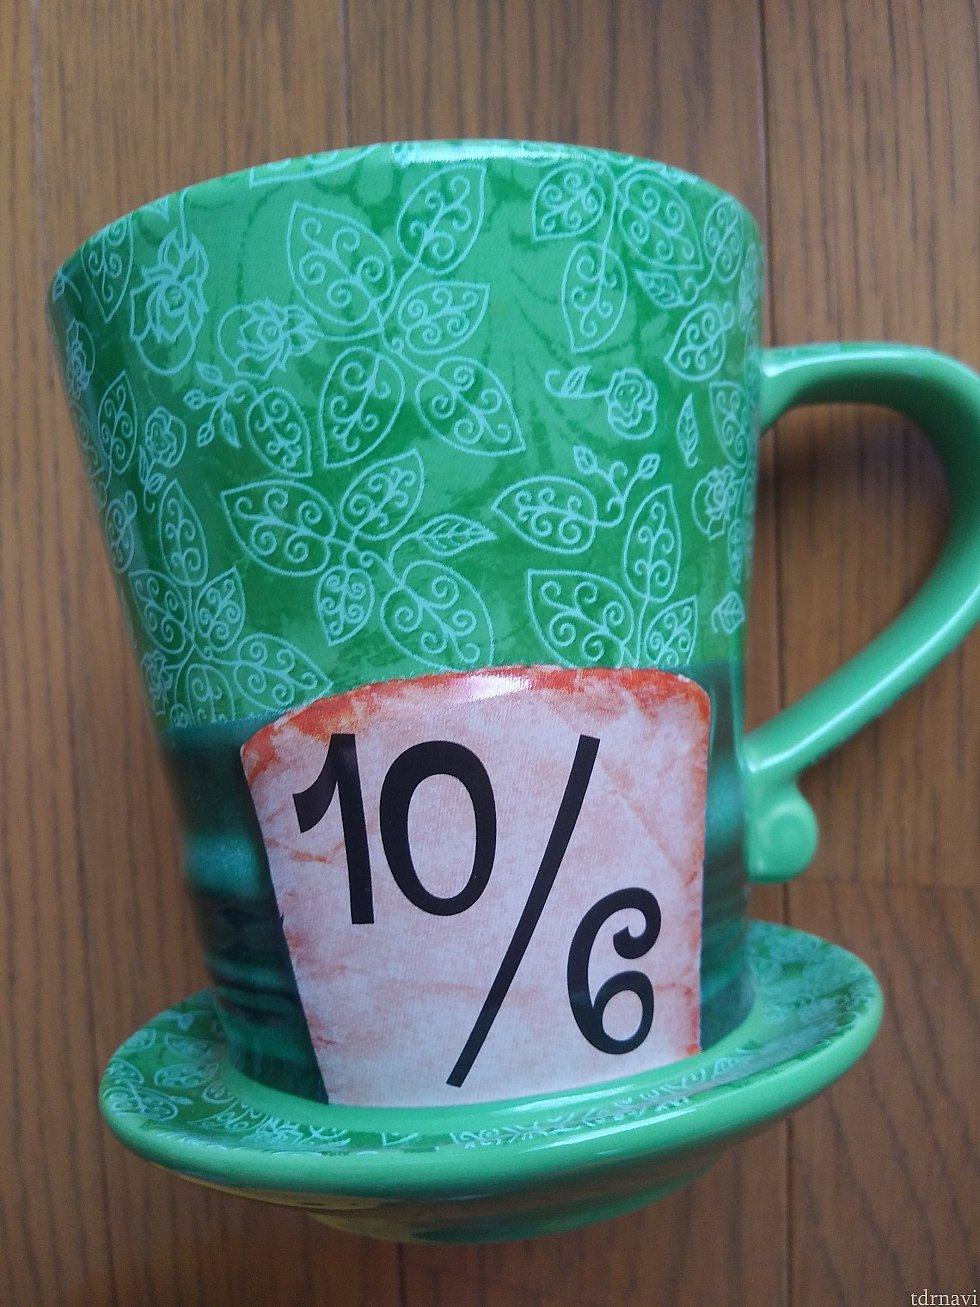 マッドハッターの帽子のマグカップ。タイ製。€16.99